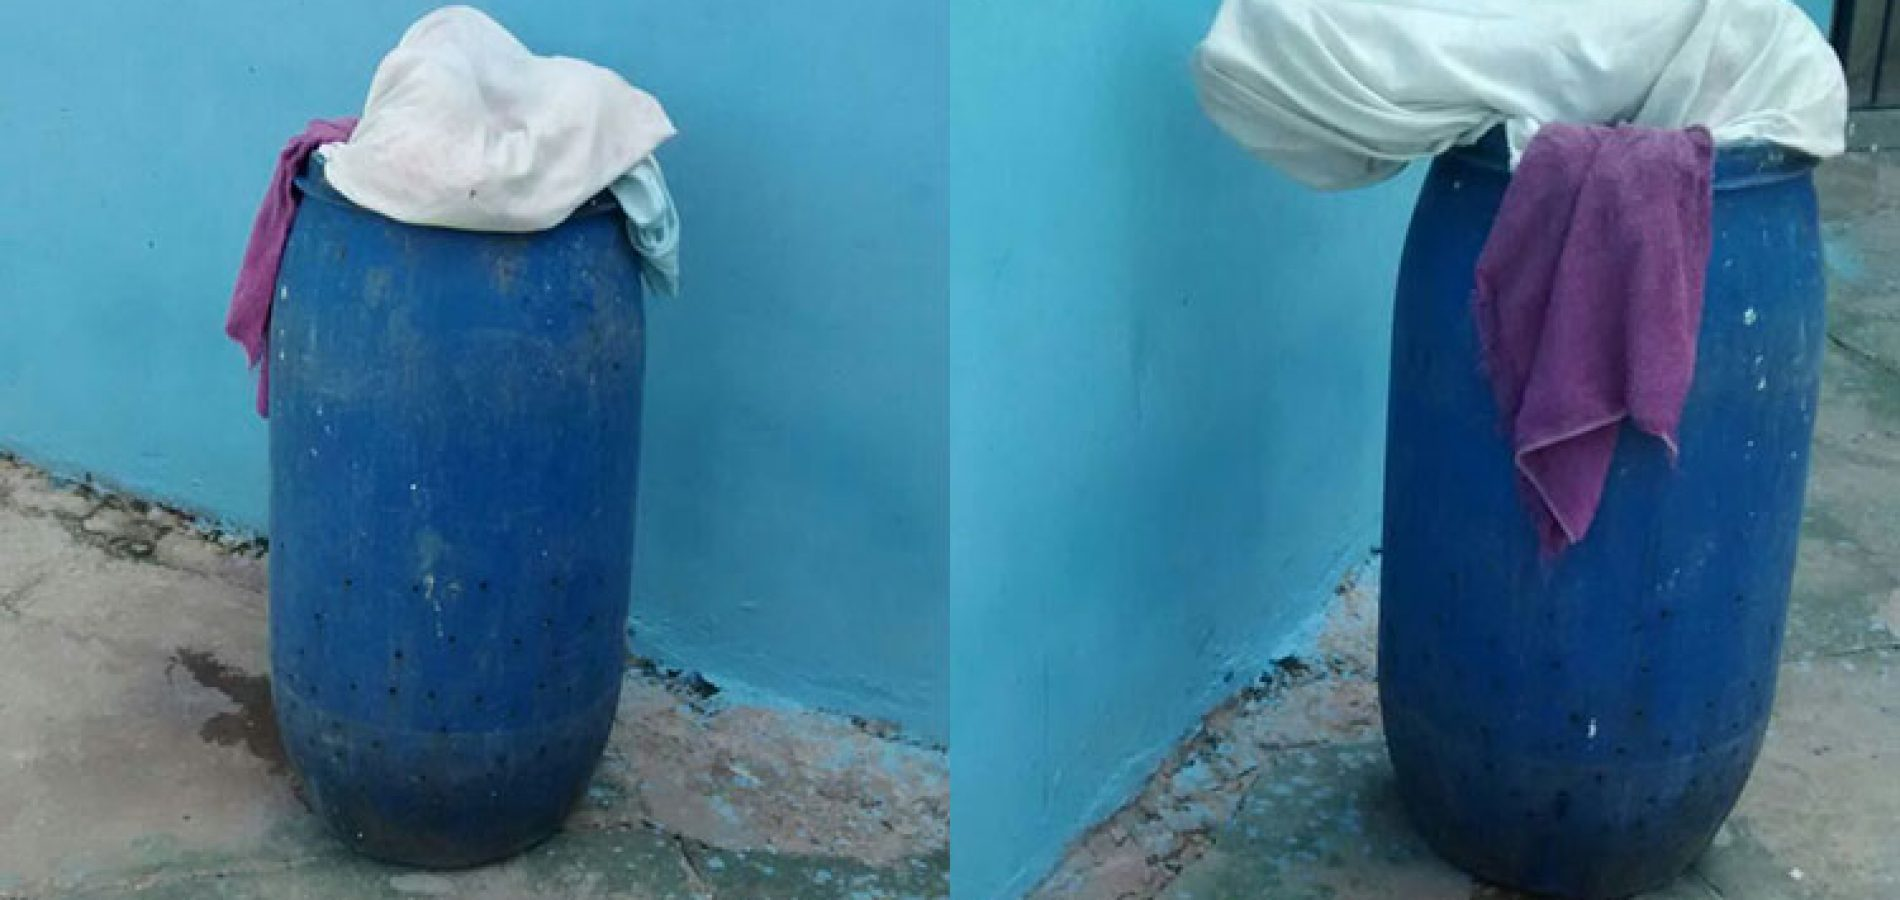 Corpo de detento é encontrado morto dentro de um tambor de lixo da Casa de Custódia